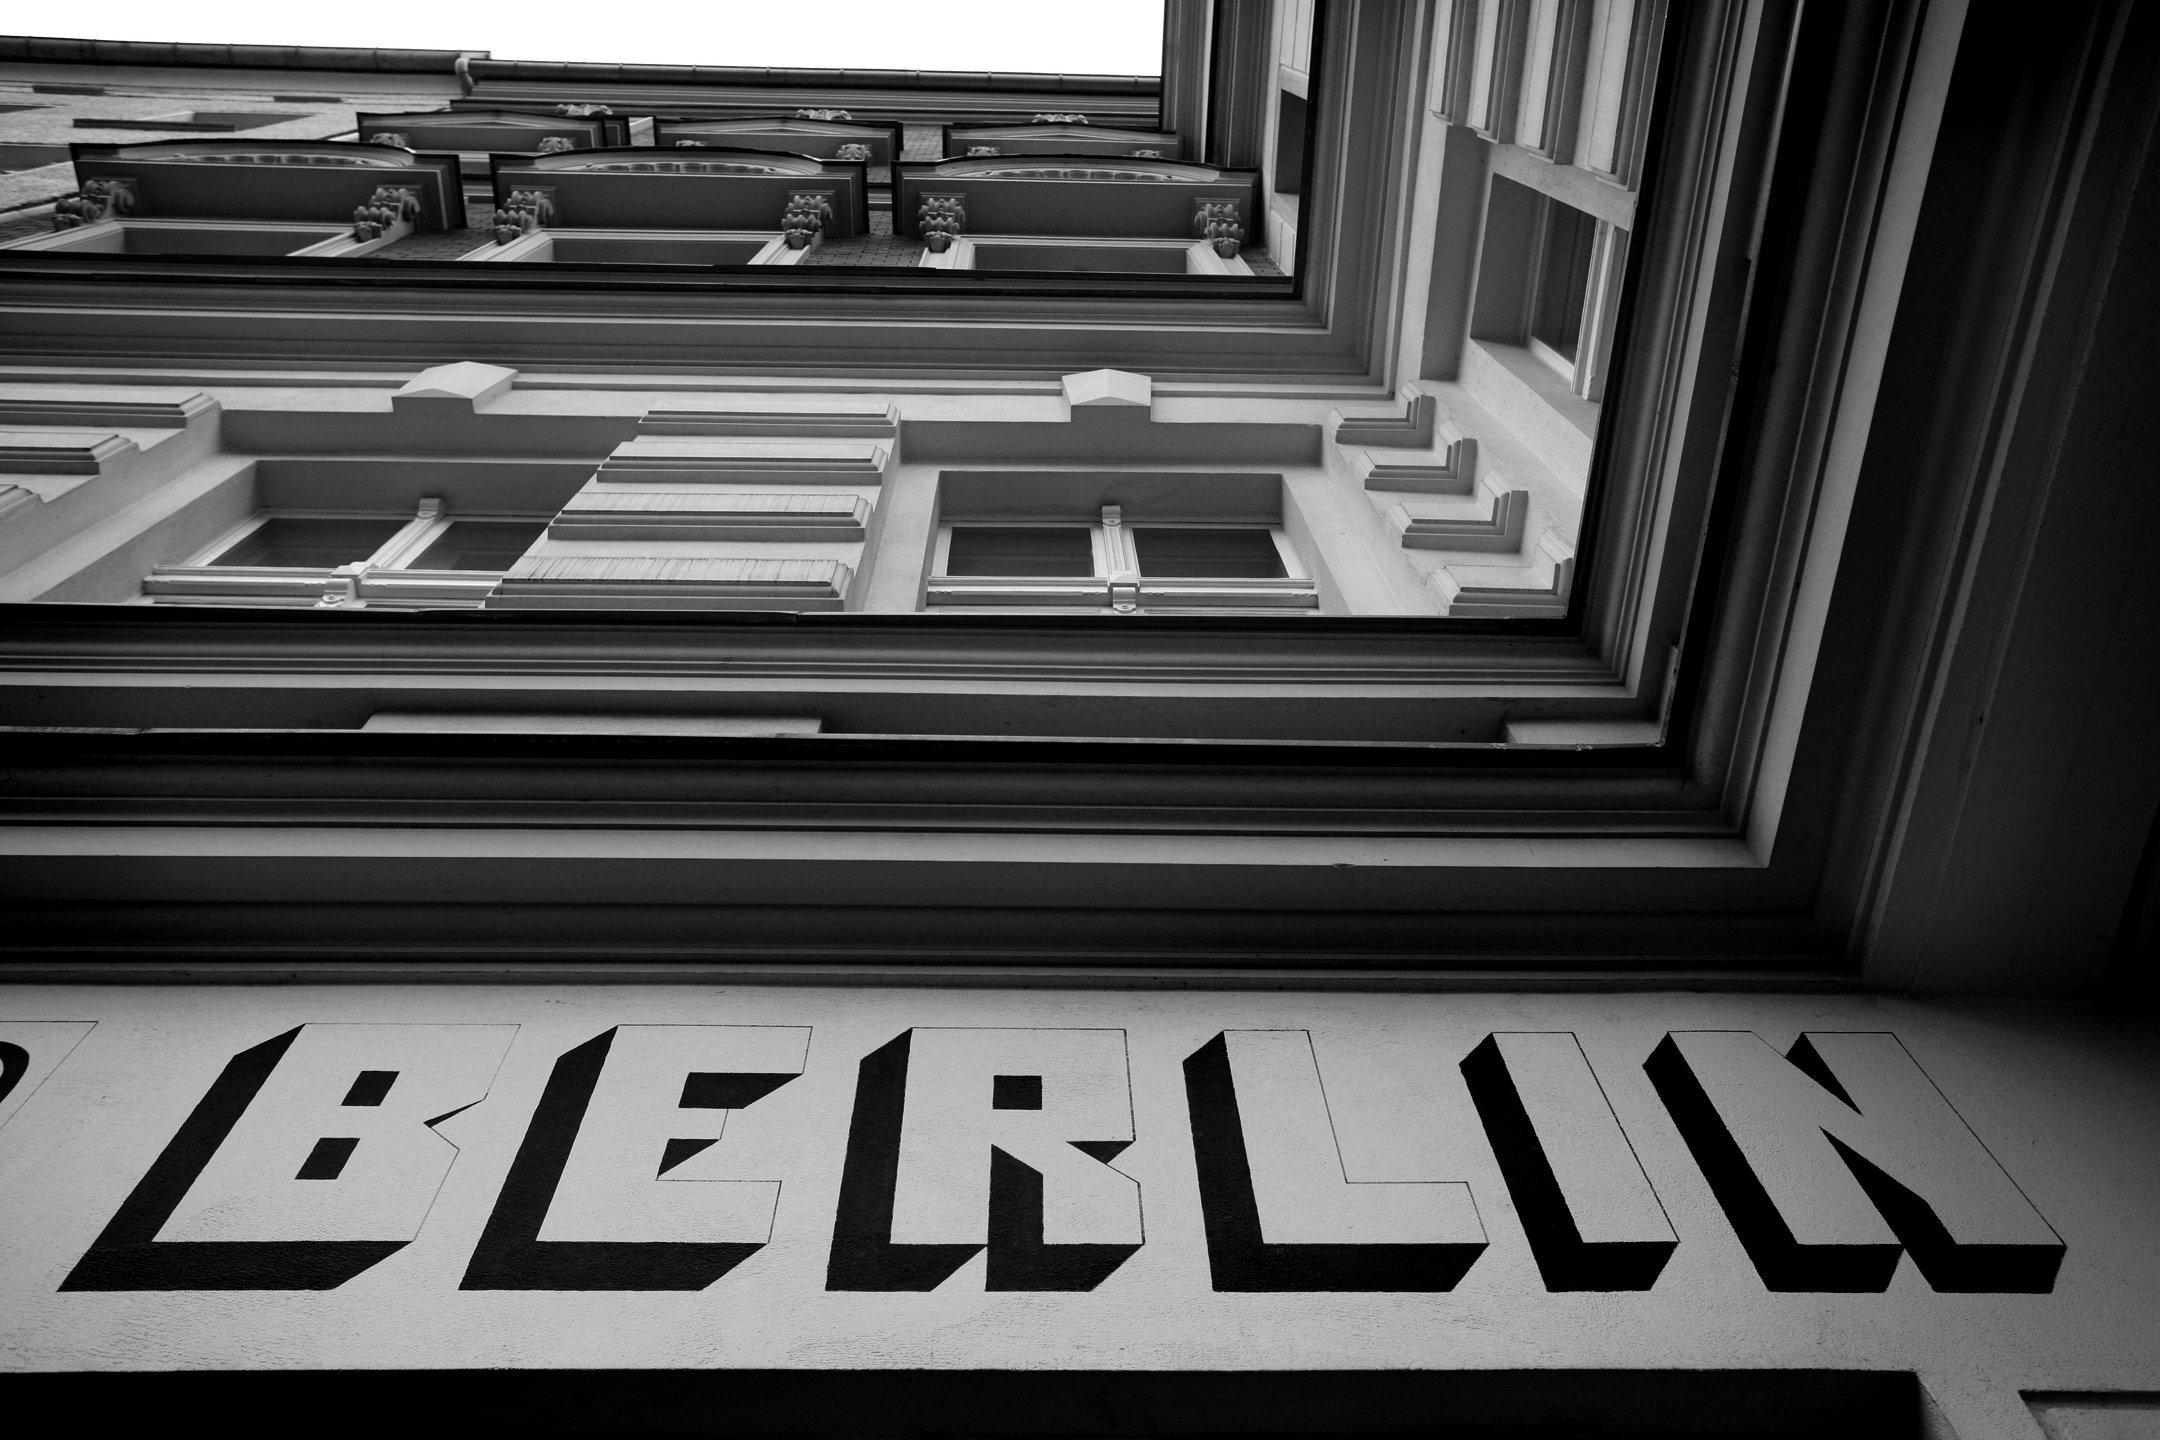 Berlin_sign.jpg